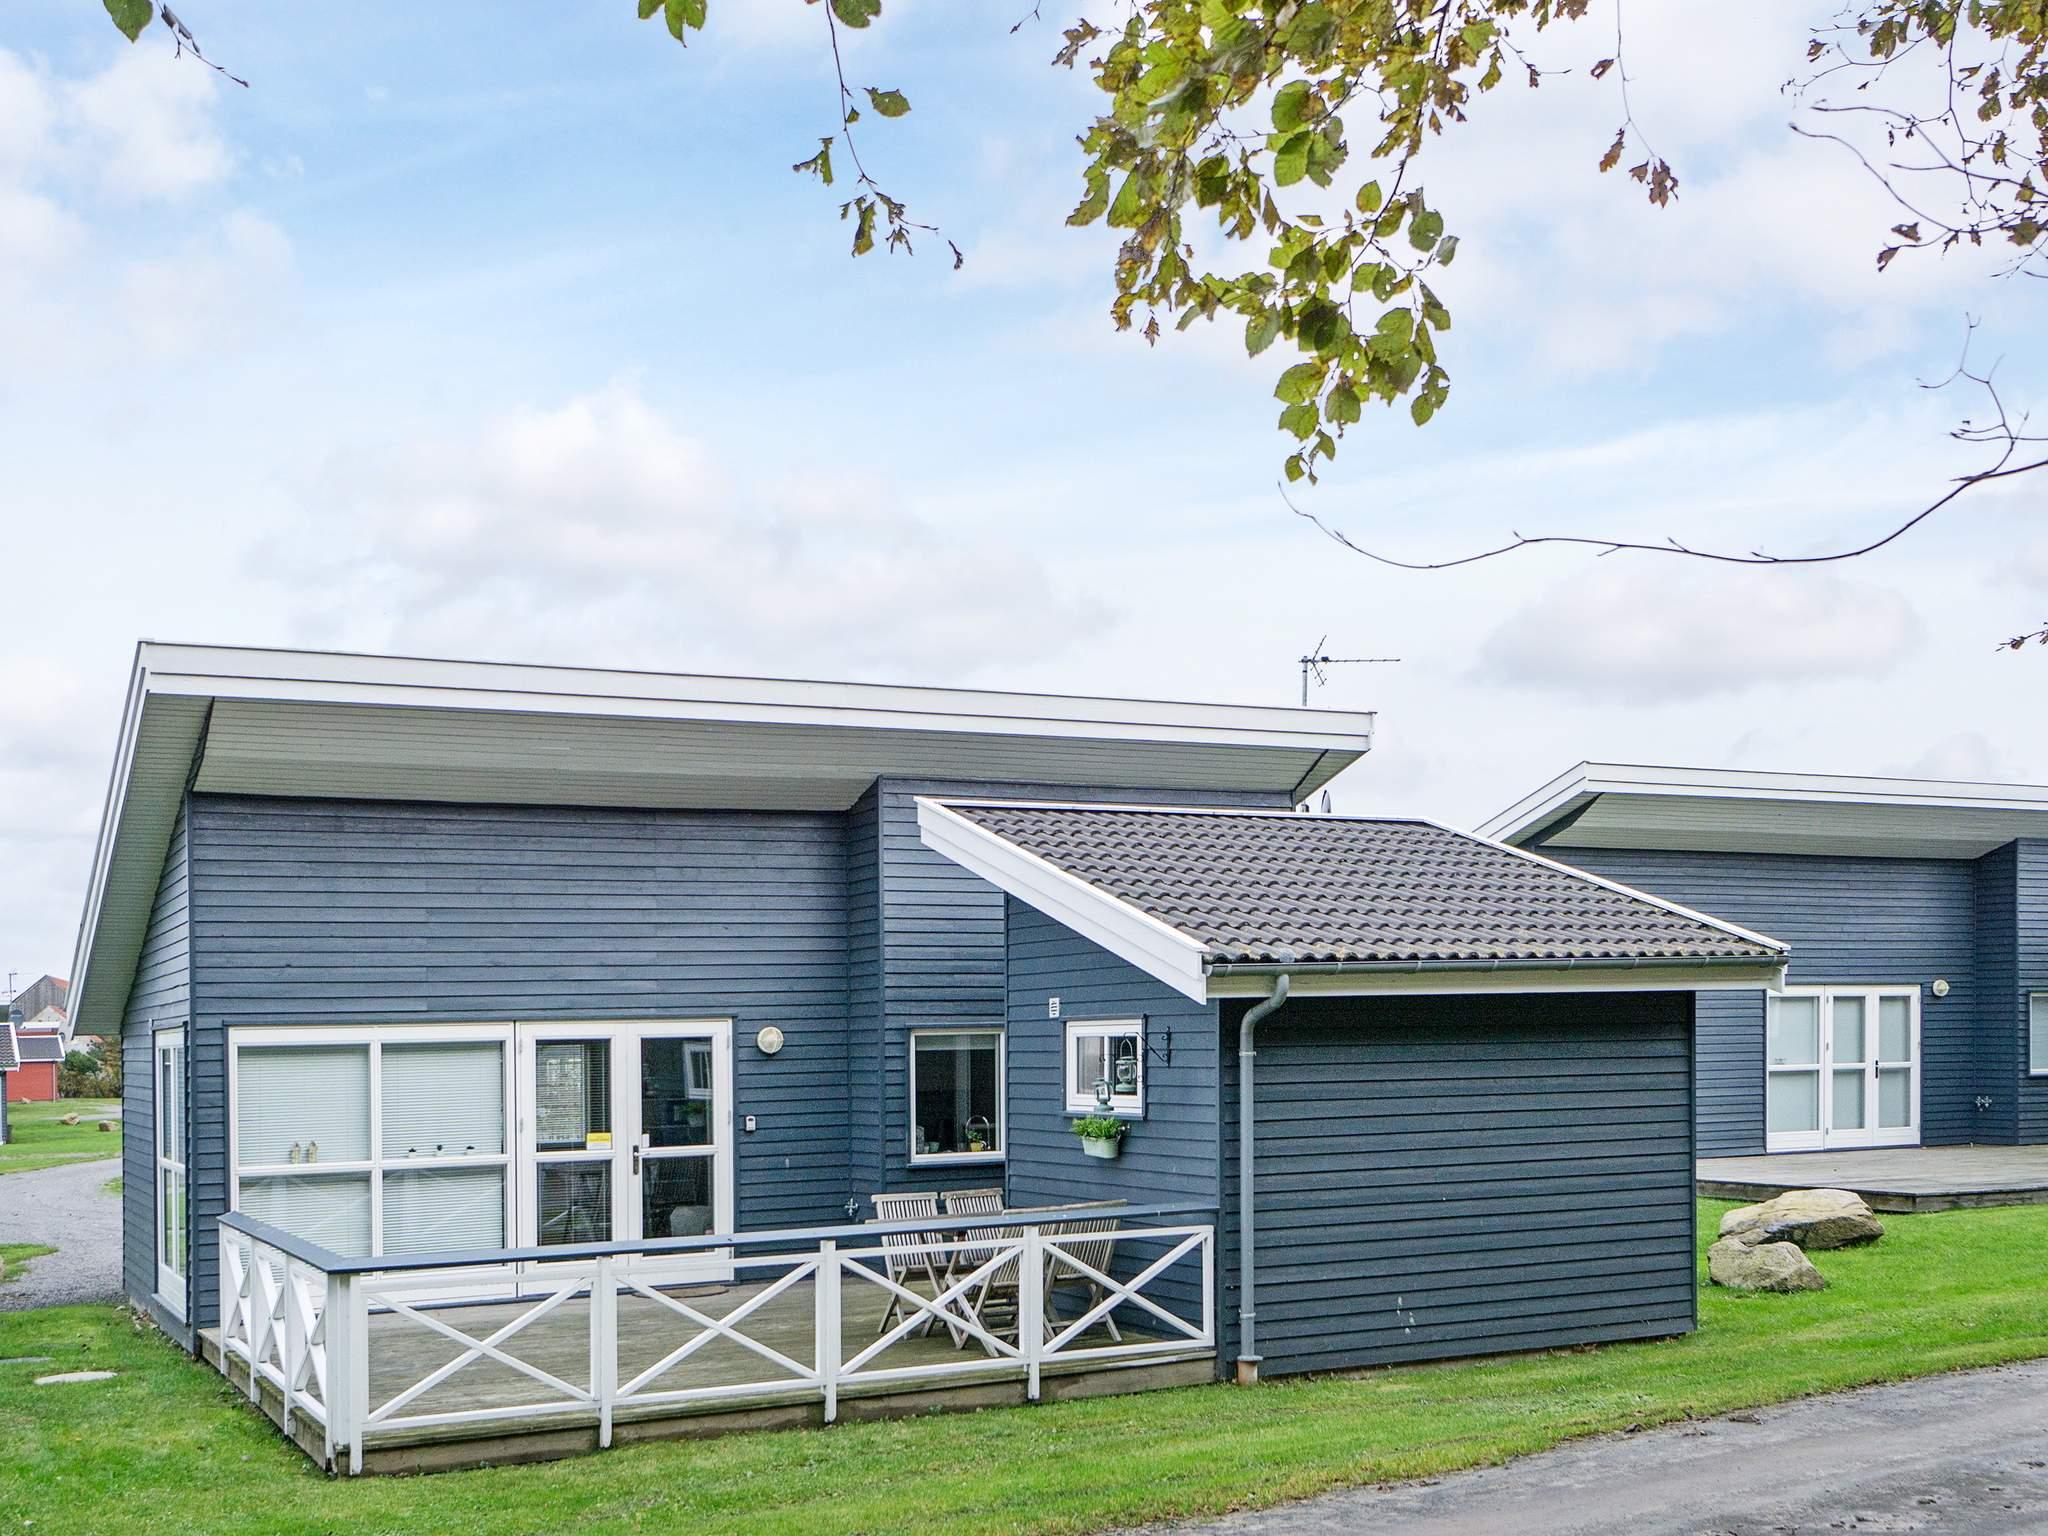 Ferienhaus Rø/Gudhjem (438568), Gudhjem, , Bornholm, Dänemark, Bild 1